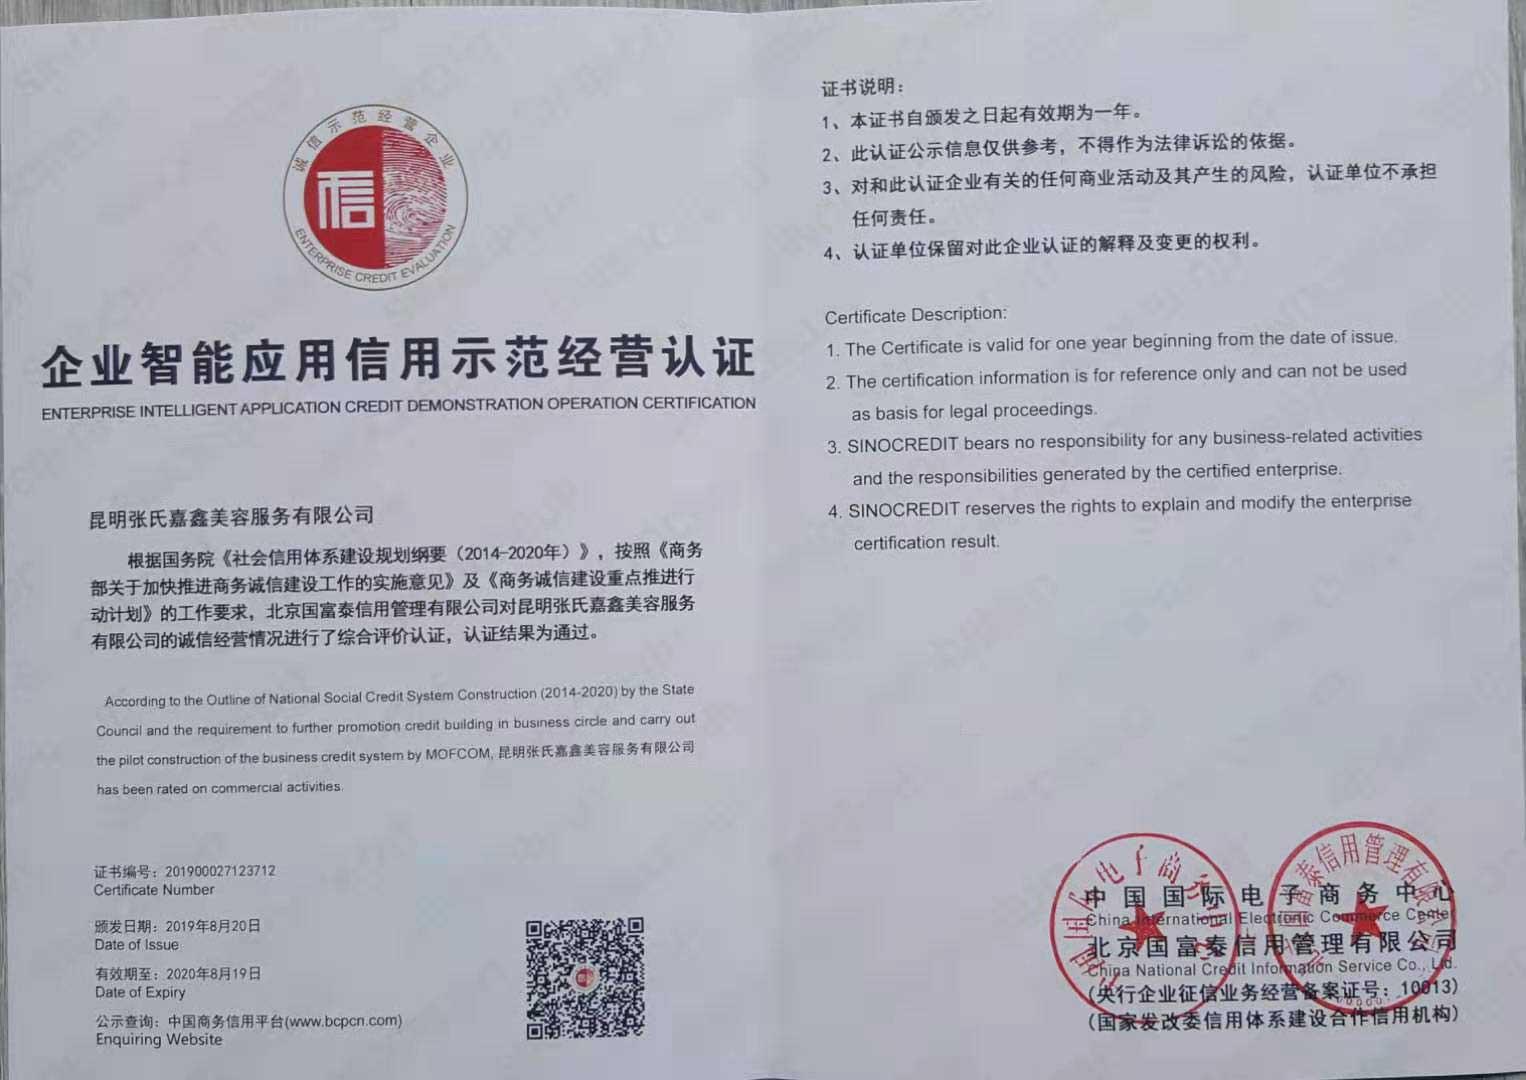 丽江防晒绝色持妆套 欢迎咨询「昆明张氏嘉鑫美容服务供应」